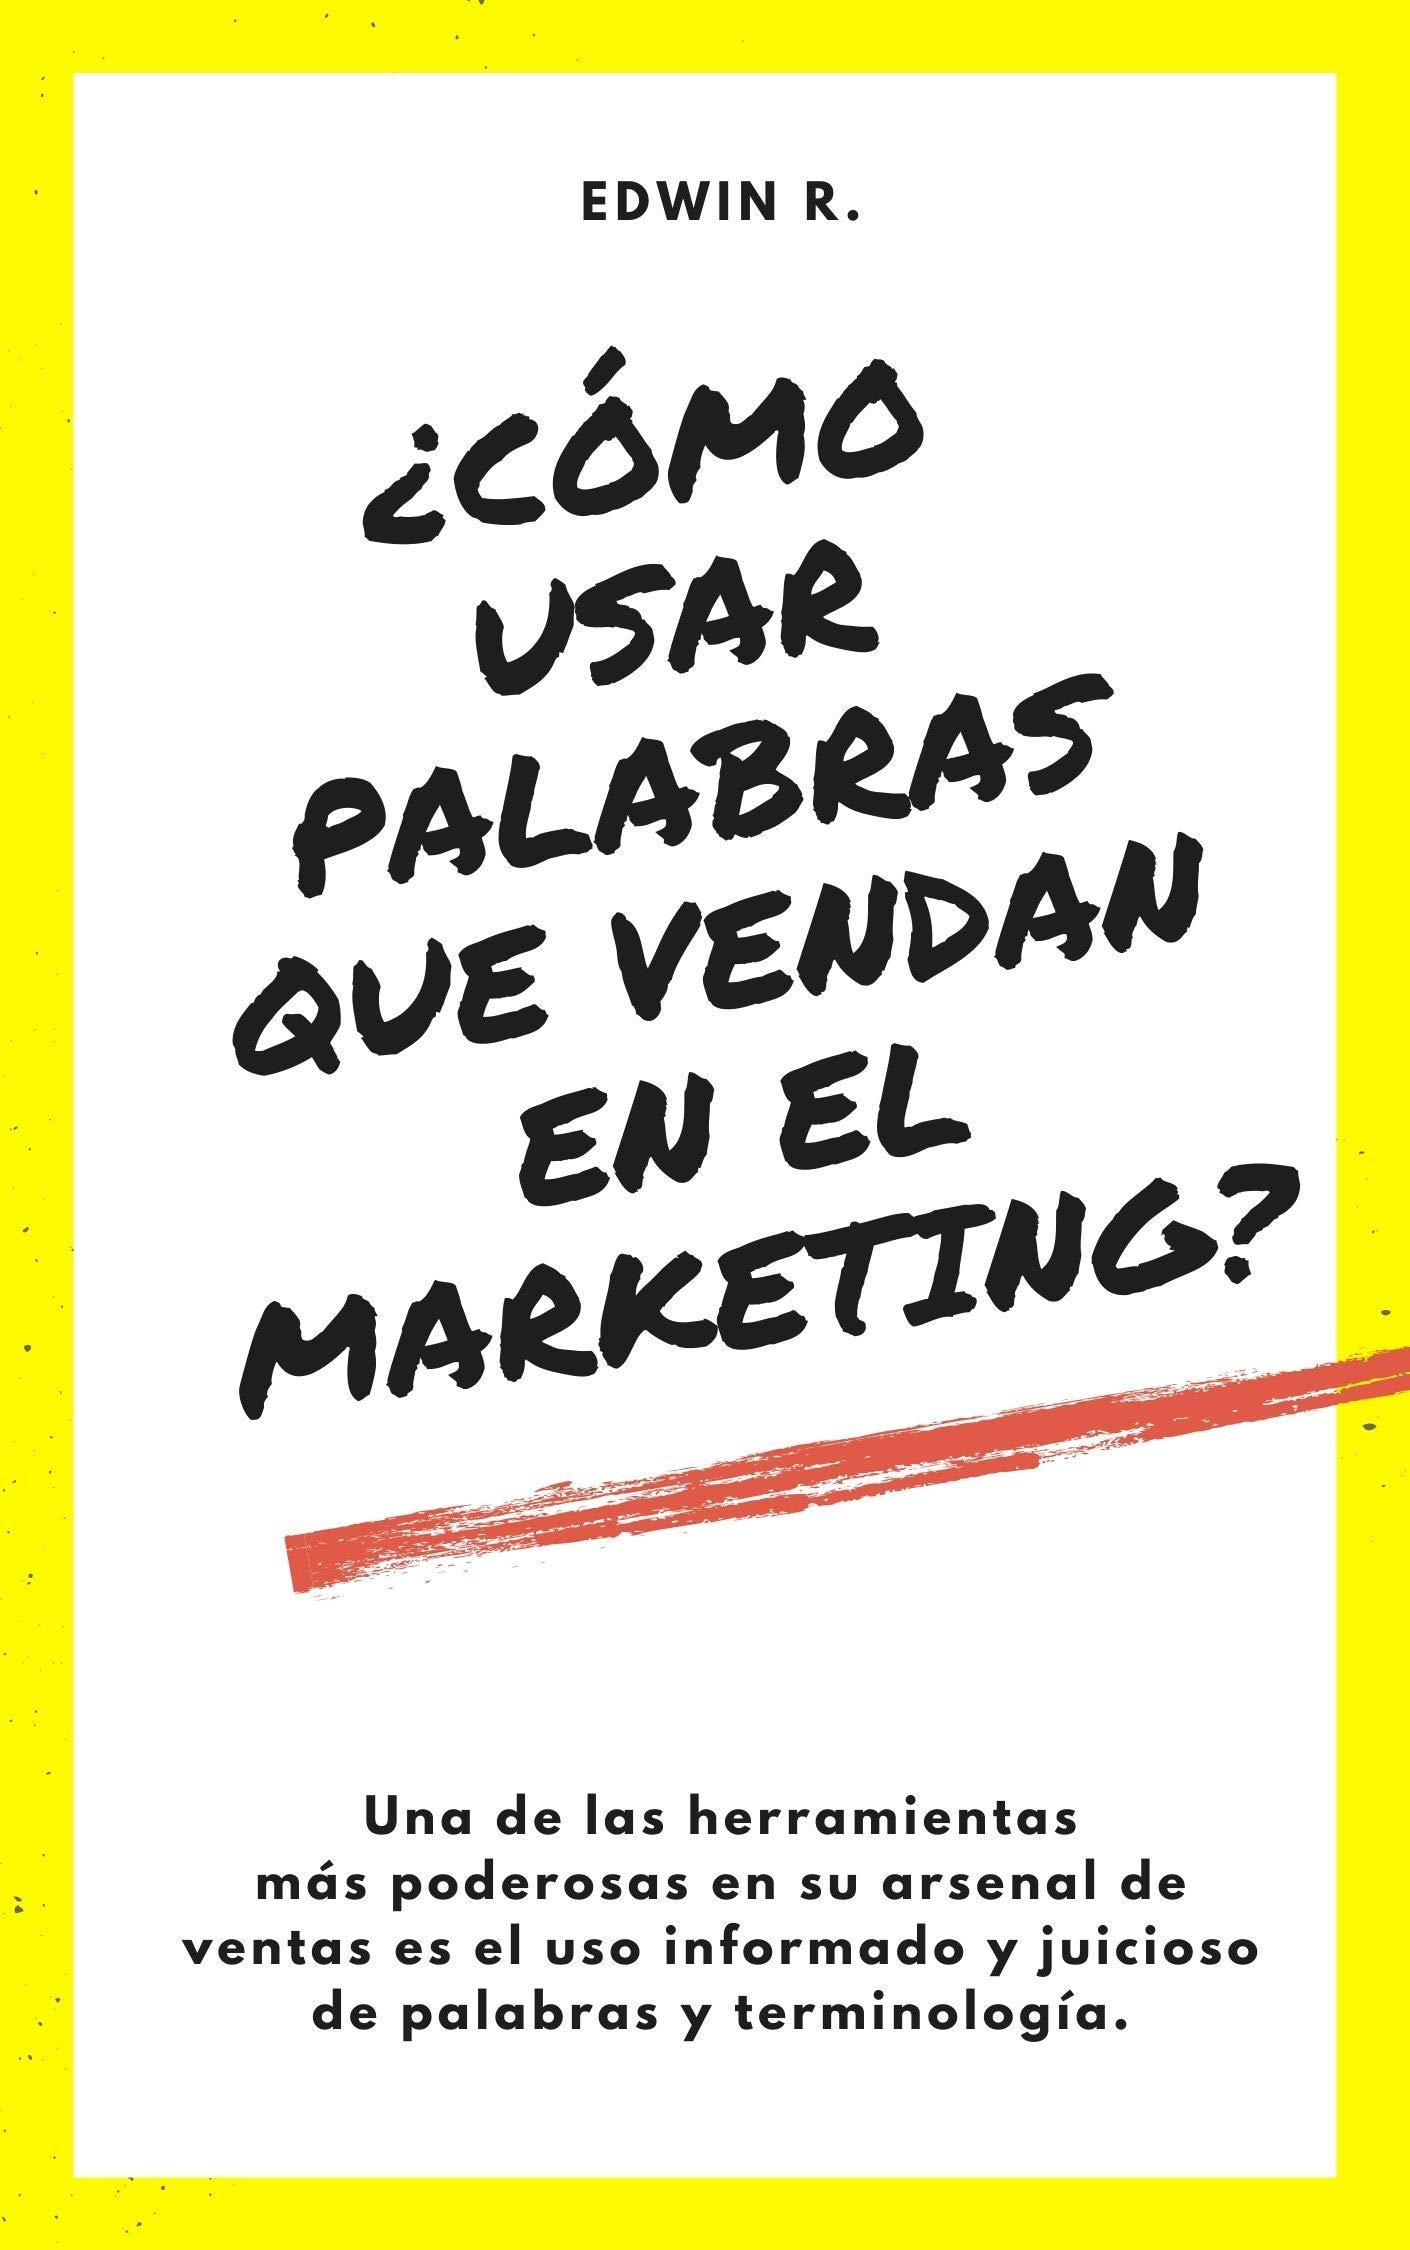 Cómo usar LAS MEJORES PALABRAS para hacer un buen MARKETING: ¿CÓMO USAR PALABRAS QUE VENDAN EN EL MARKETING? (Spanish Edition)